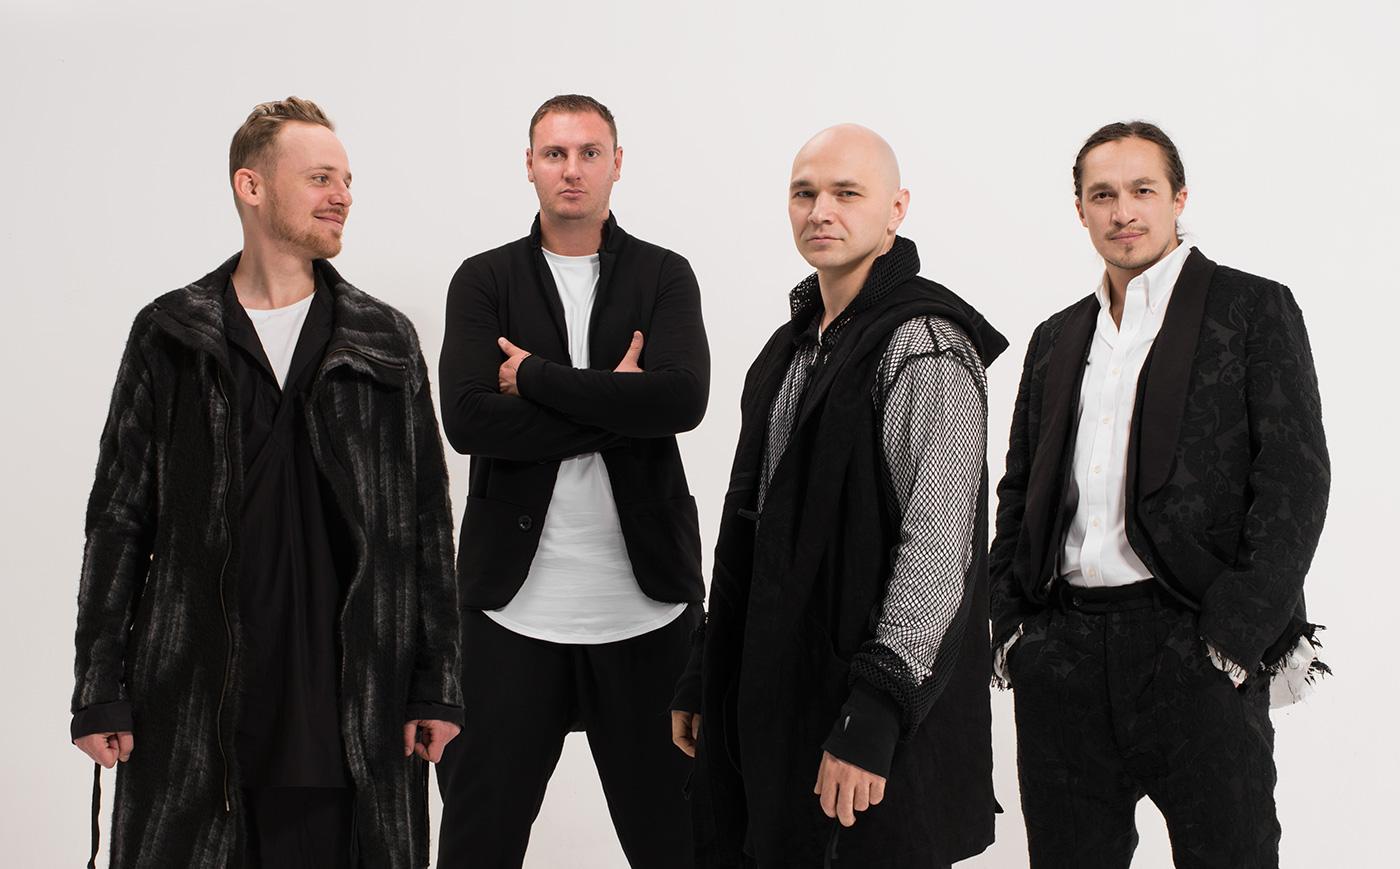 Каста (группа)